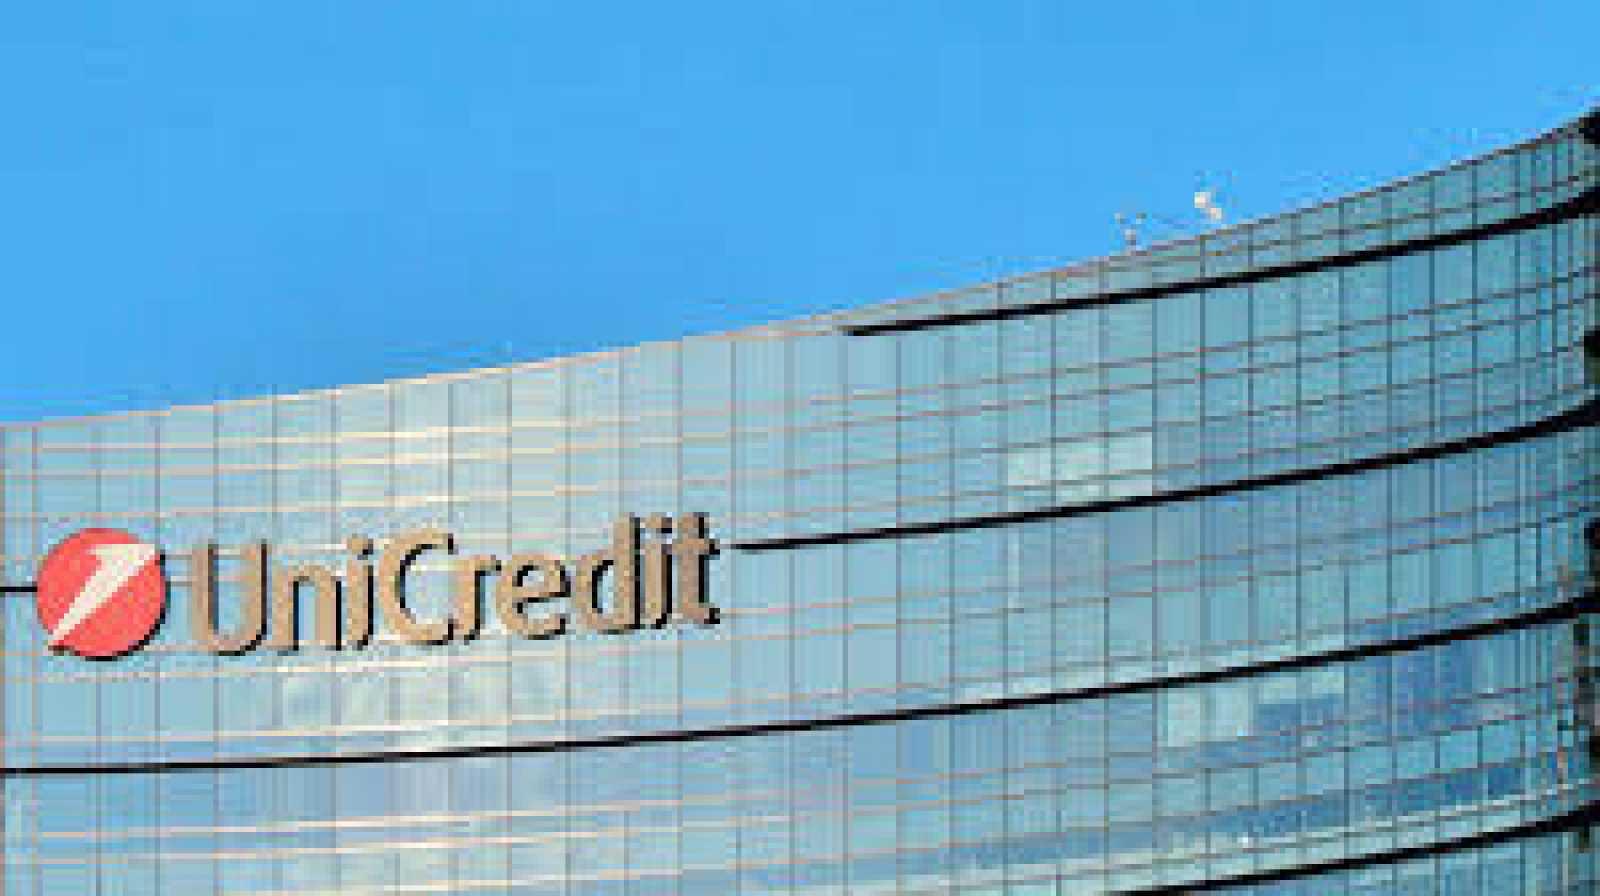 El banco italiano Unicredit recortará 6.000 puestos de trabajo y cerrará 450 oficinas en 2023